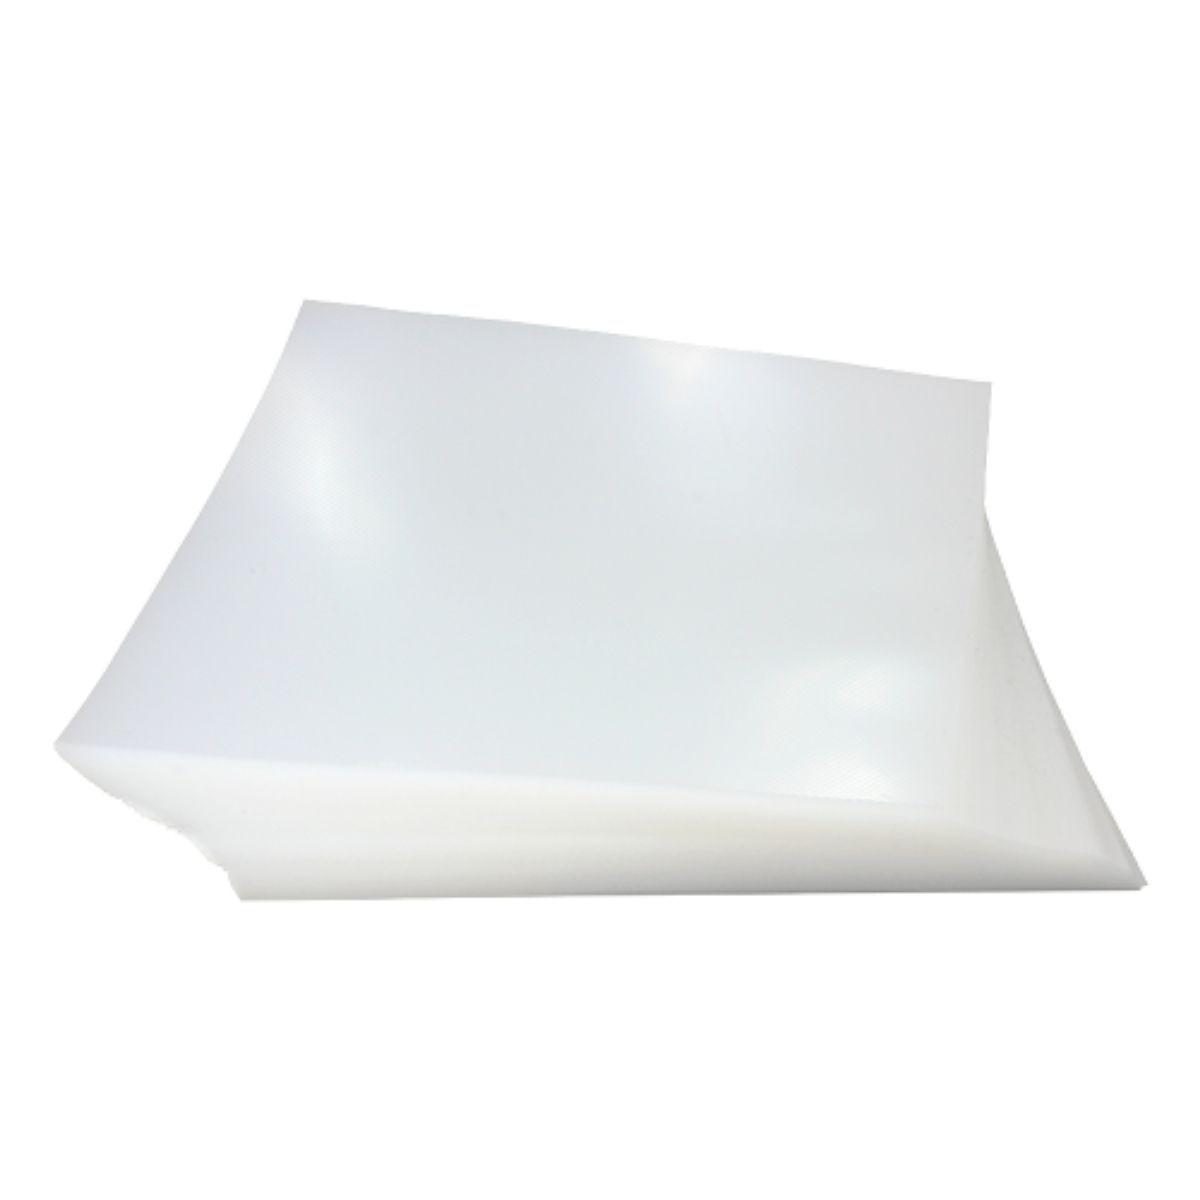 Kit 200 Capas e 15 Espirais Transparentes (Cristal) para Encadernação 45mm até 400 Folhas  - Click Suprimentos